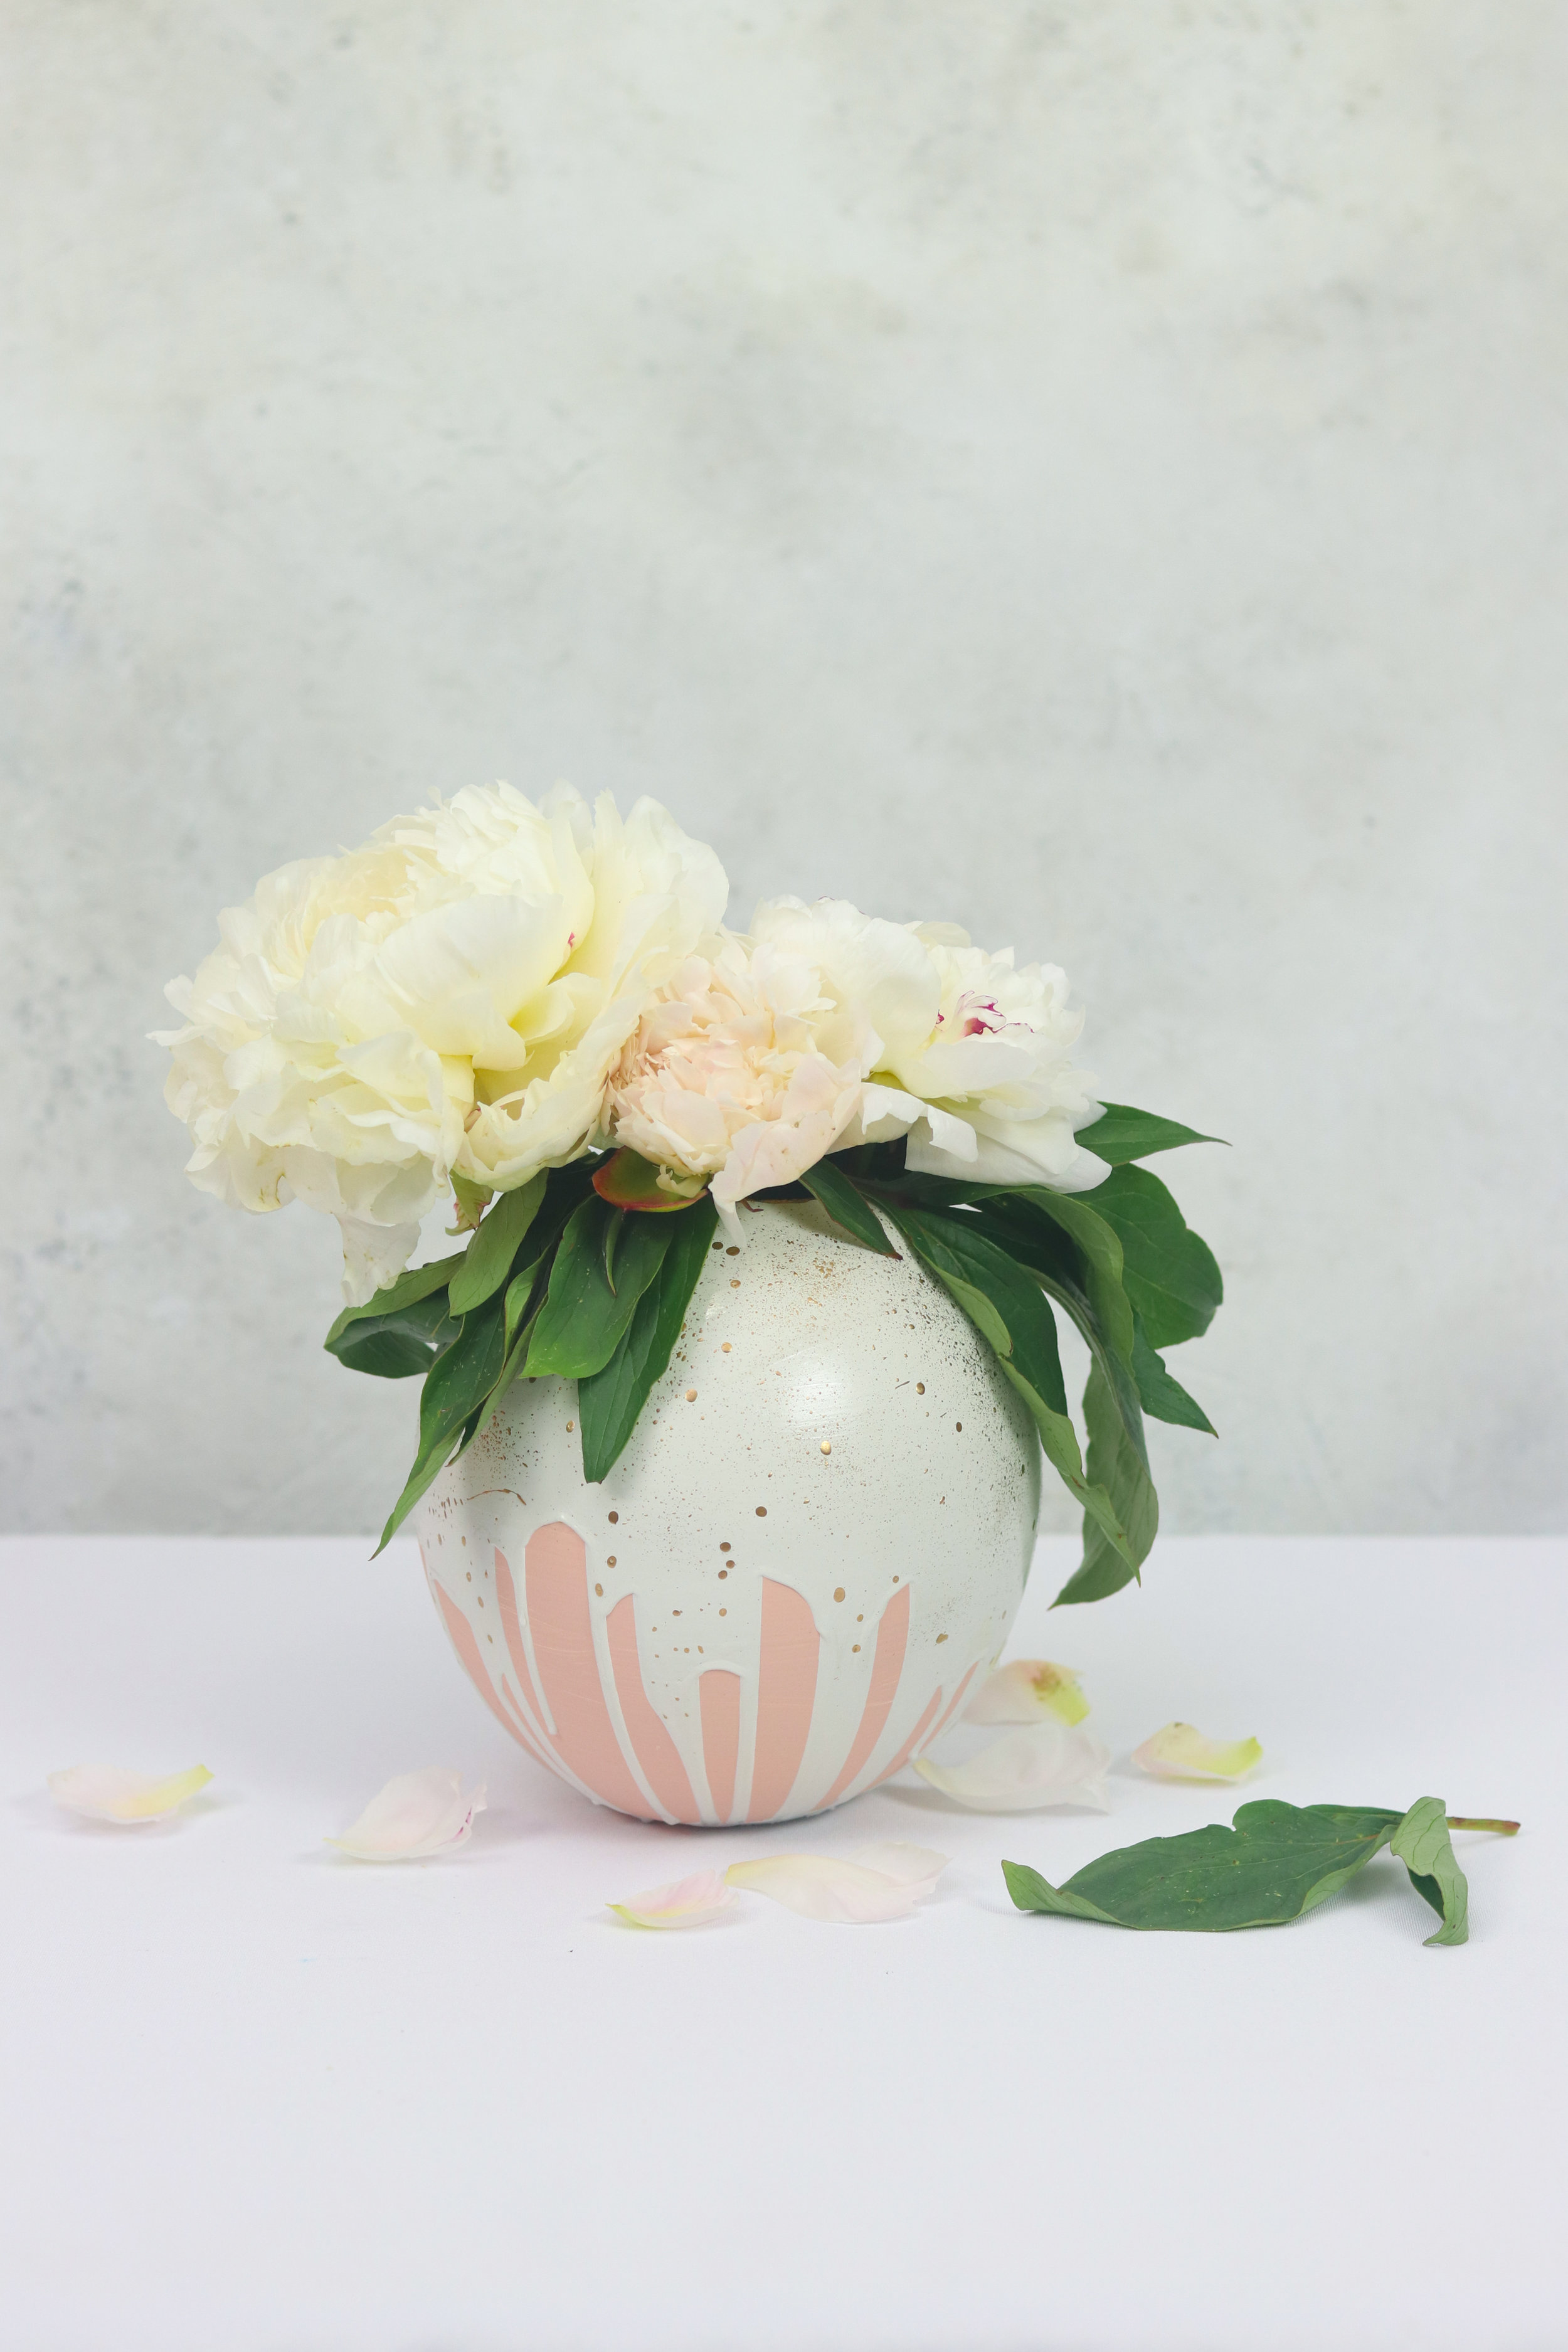 DIY Plaster Flower Vase